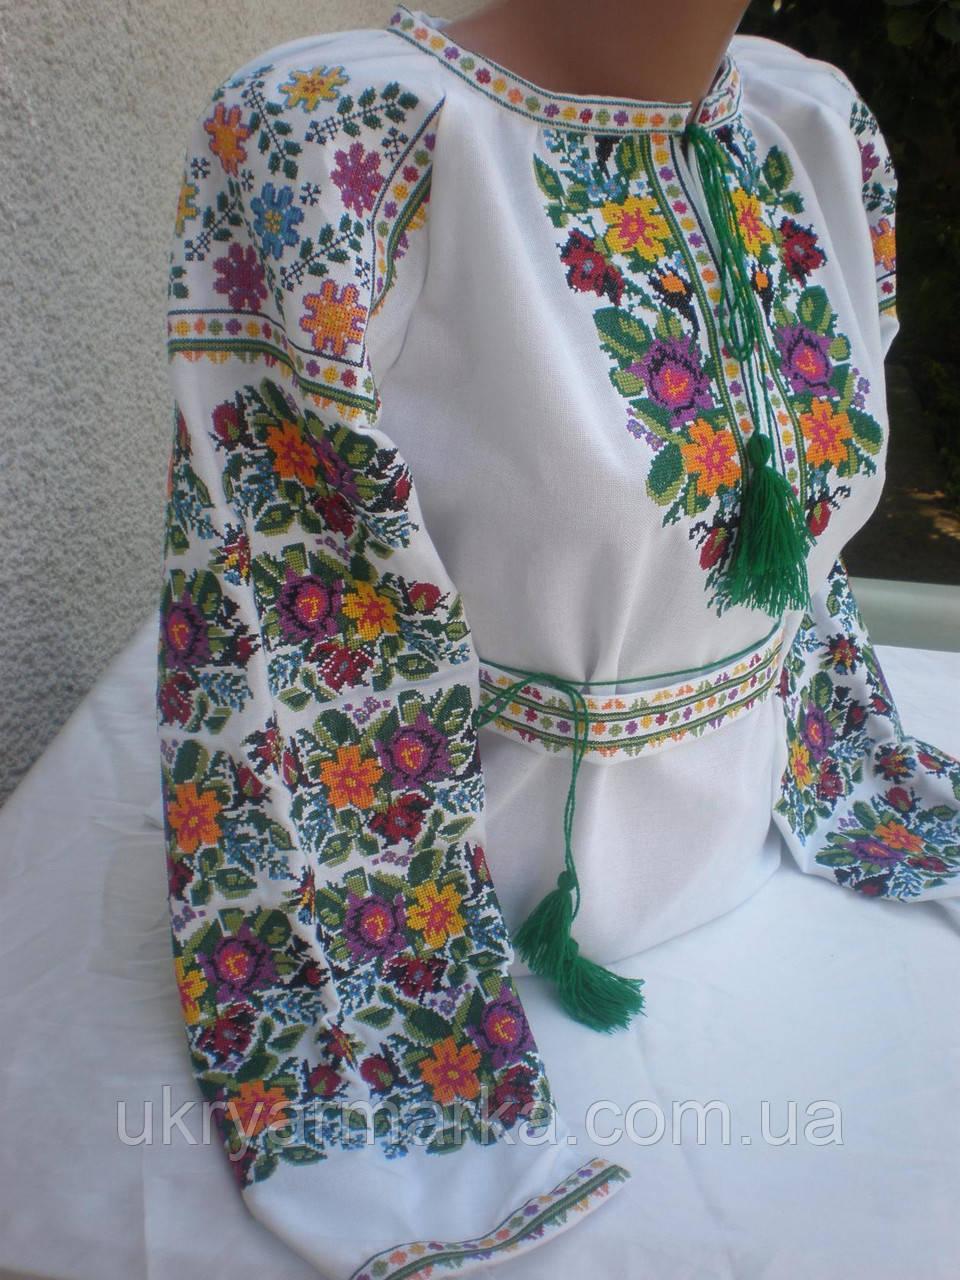 ... Жіноча вишиванка